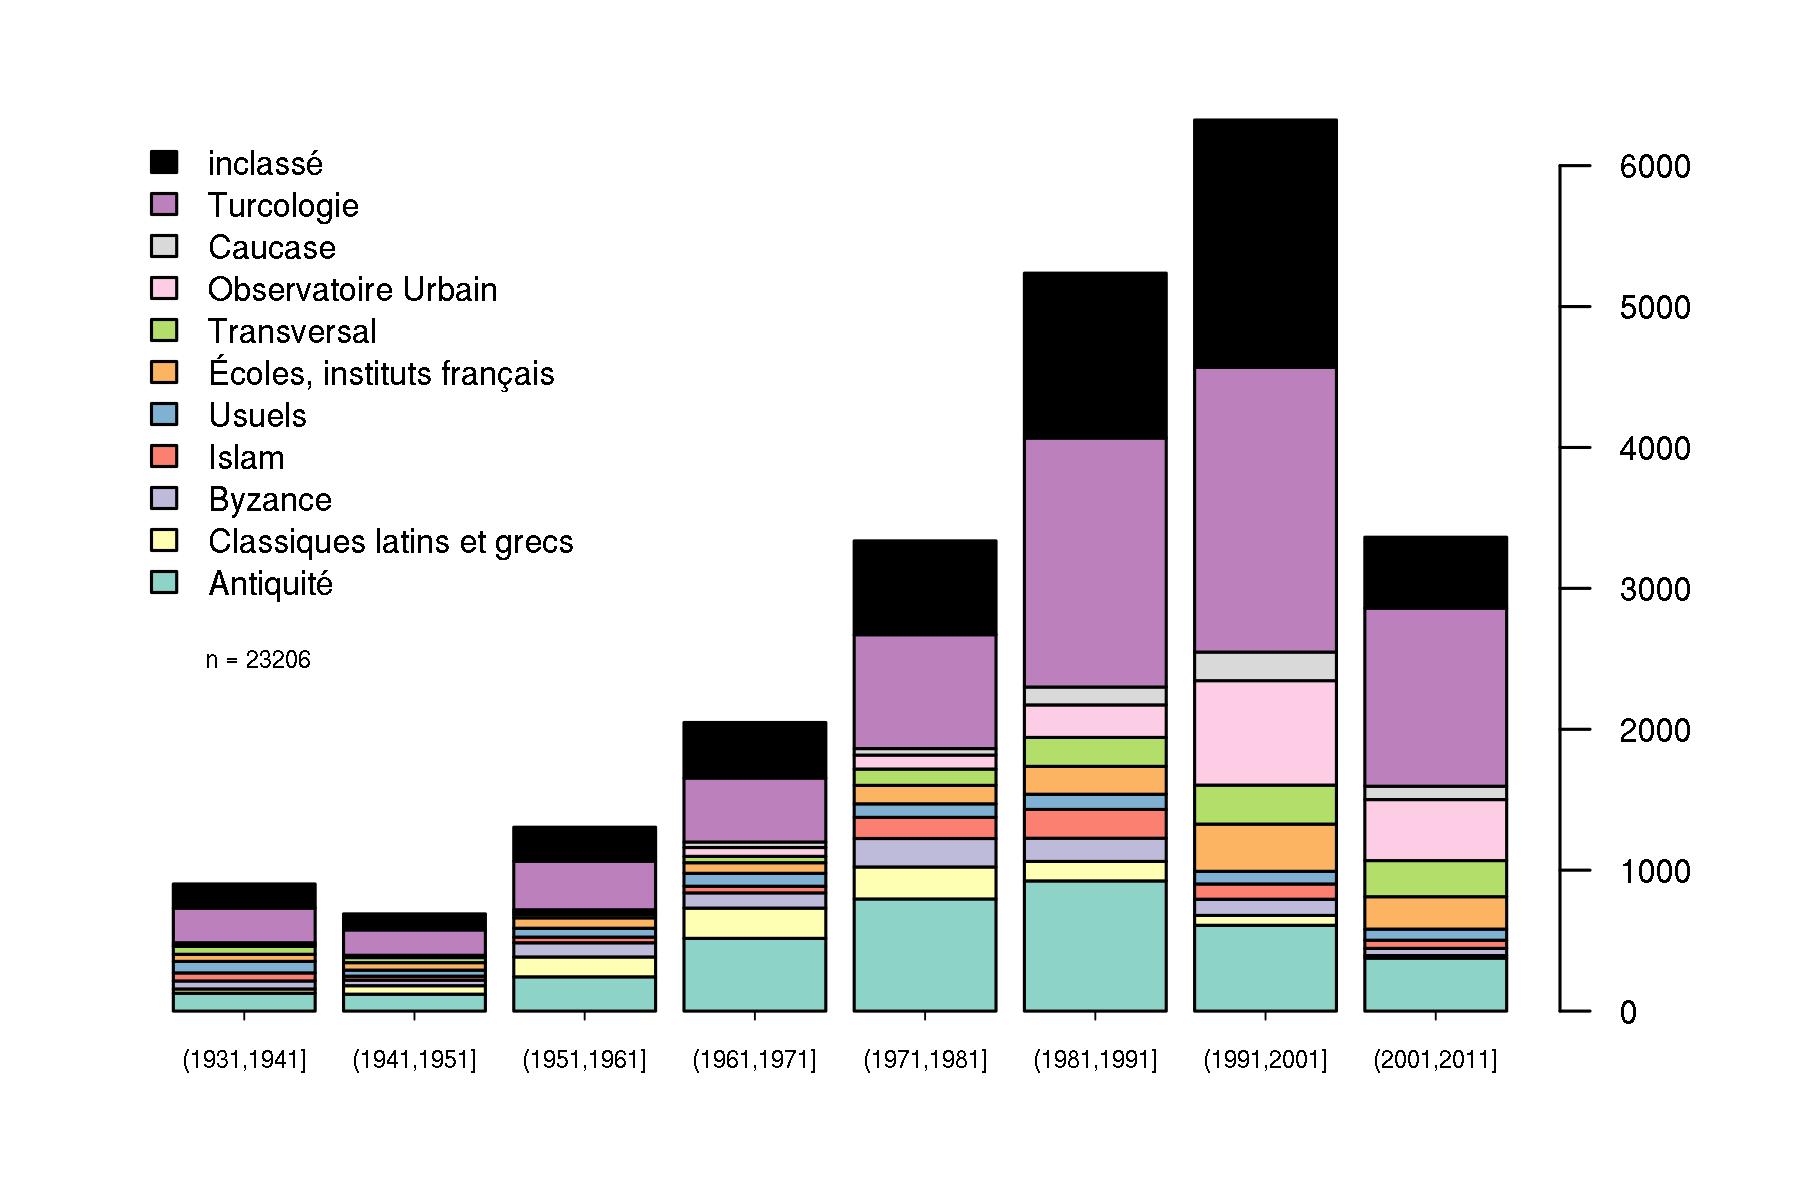 Histogramme des sujets des ouvrages (d'après les cotes) repartis par décennie entre 1931 et 2011. CC BY 4.0 Strupler